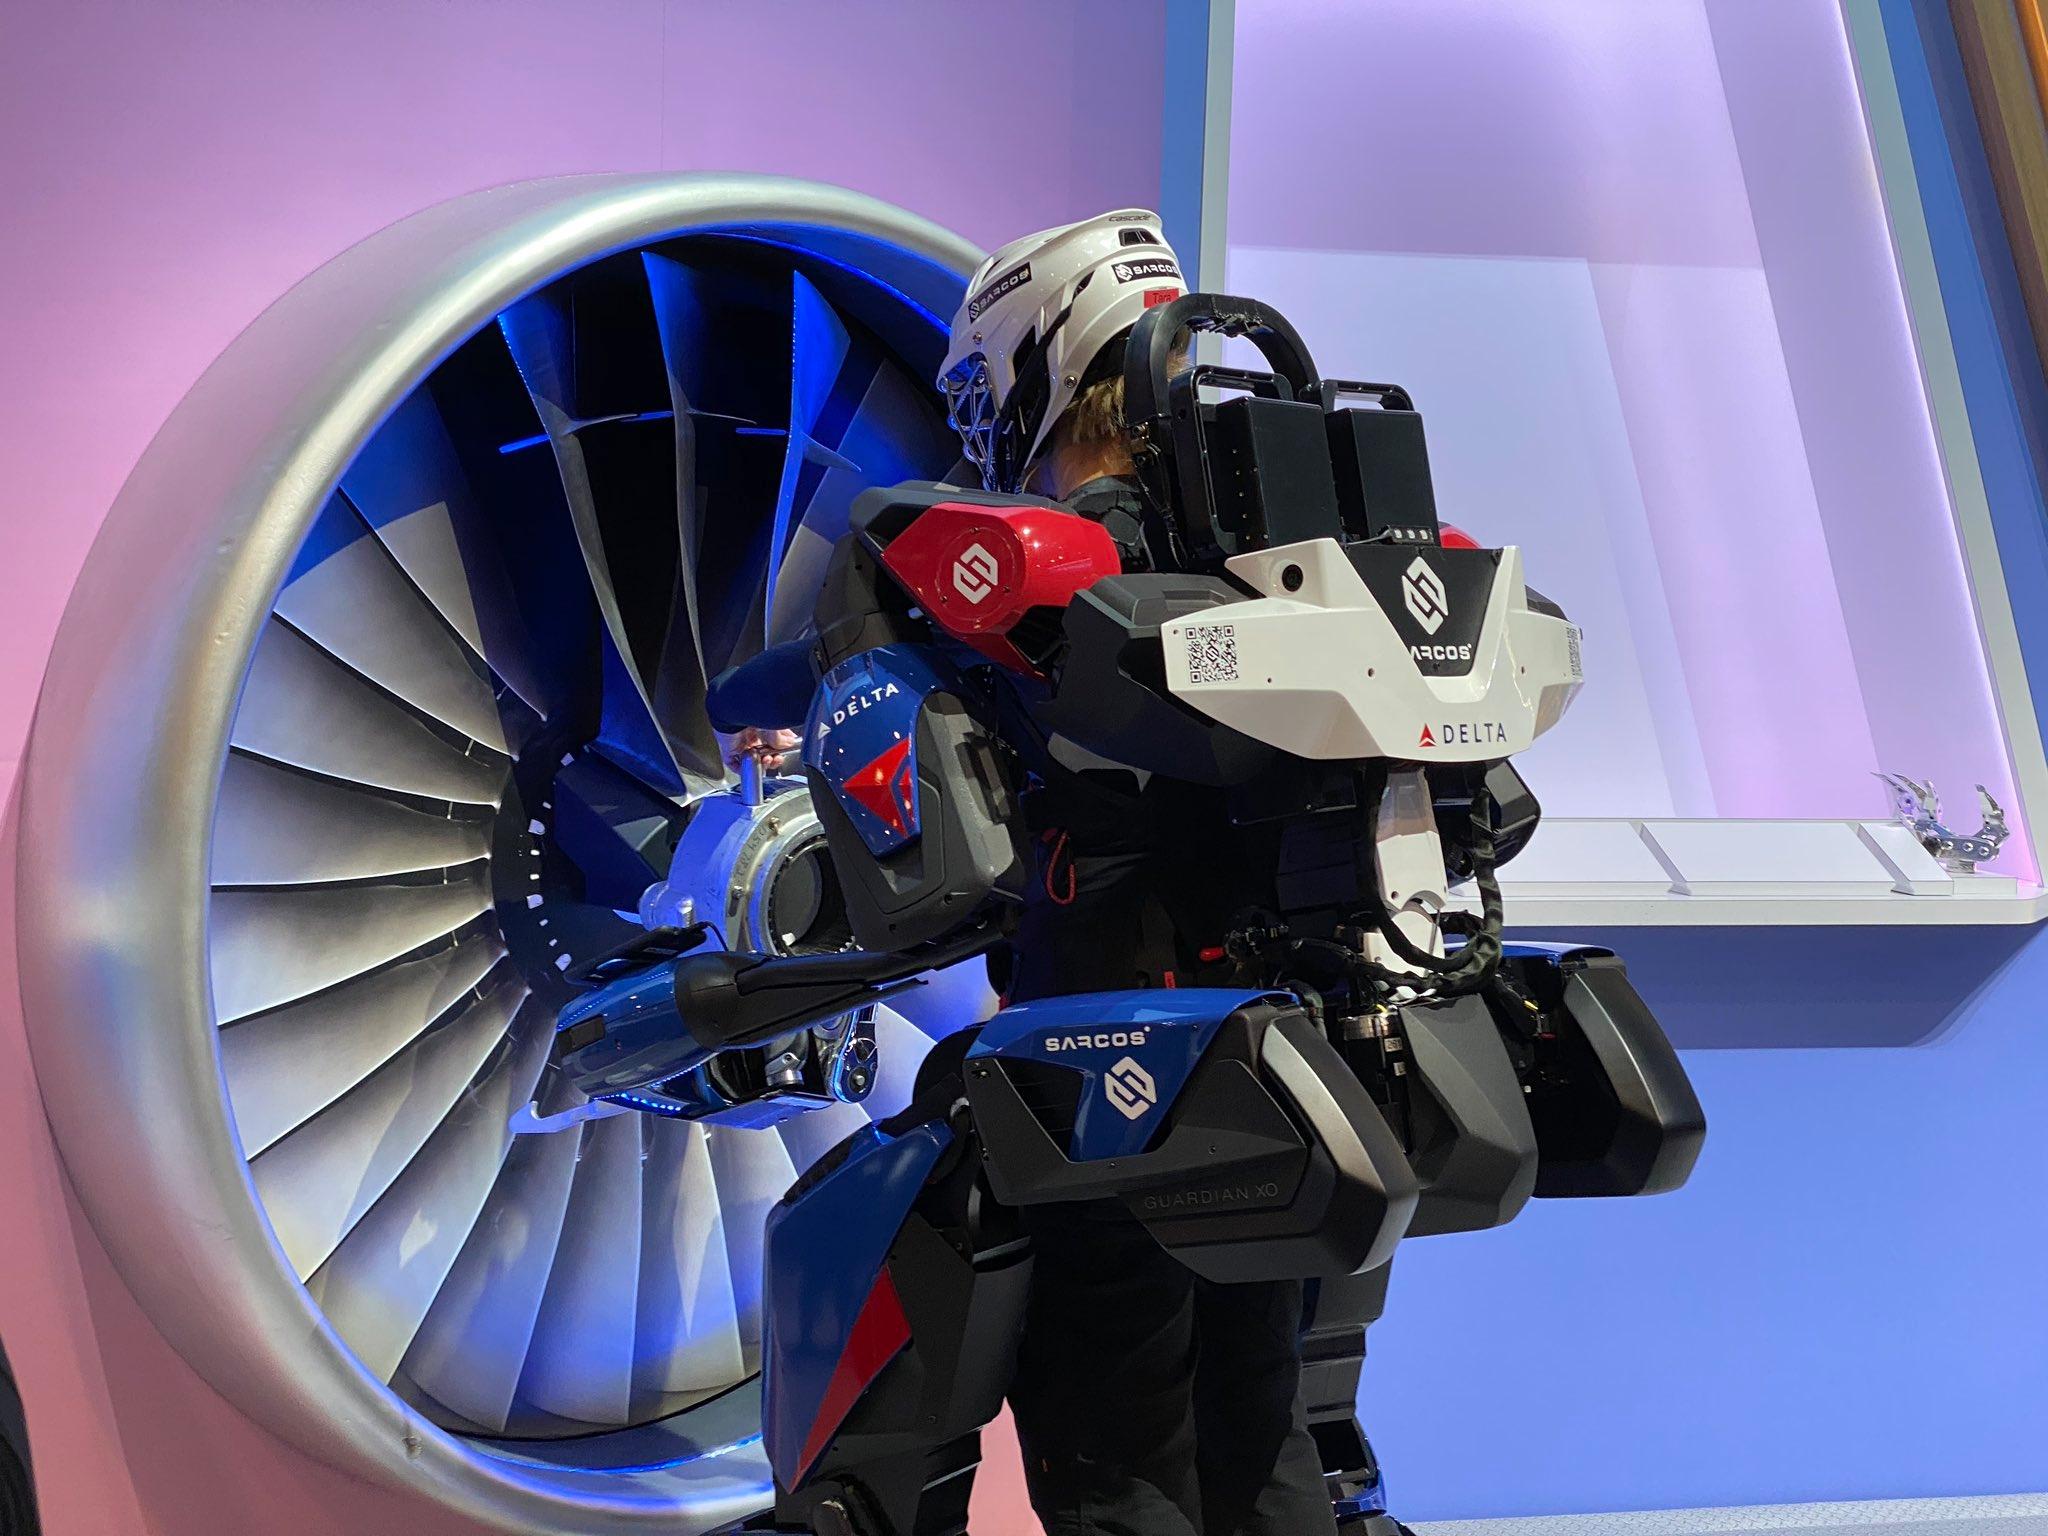 视频:变身超人?达美率先推出机器人外骨骼 轻松举起90公斤